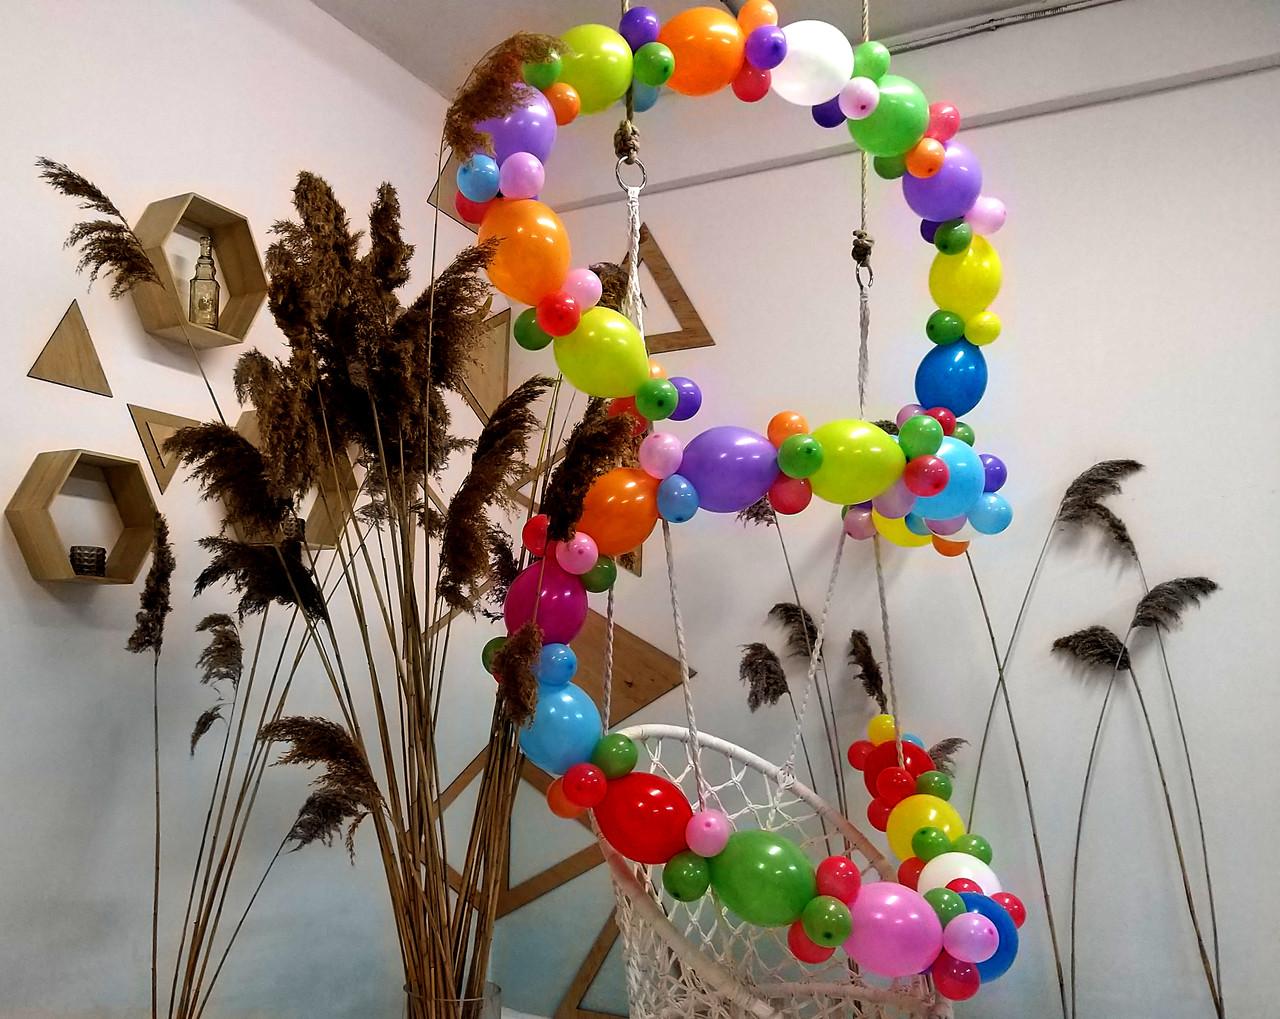 Гирлянда с воздушных шариков (радужная) /маленькие шарики/